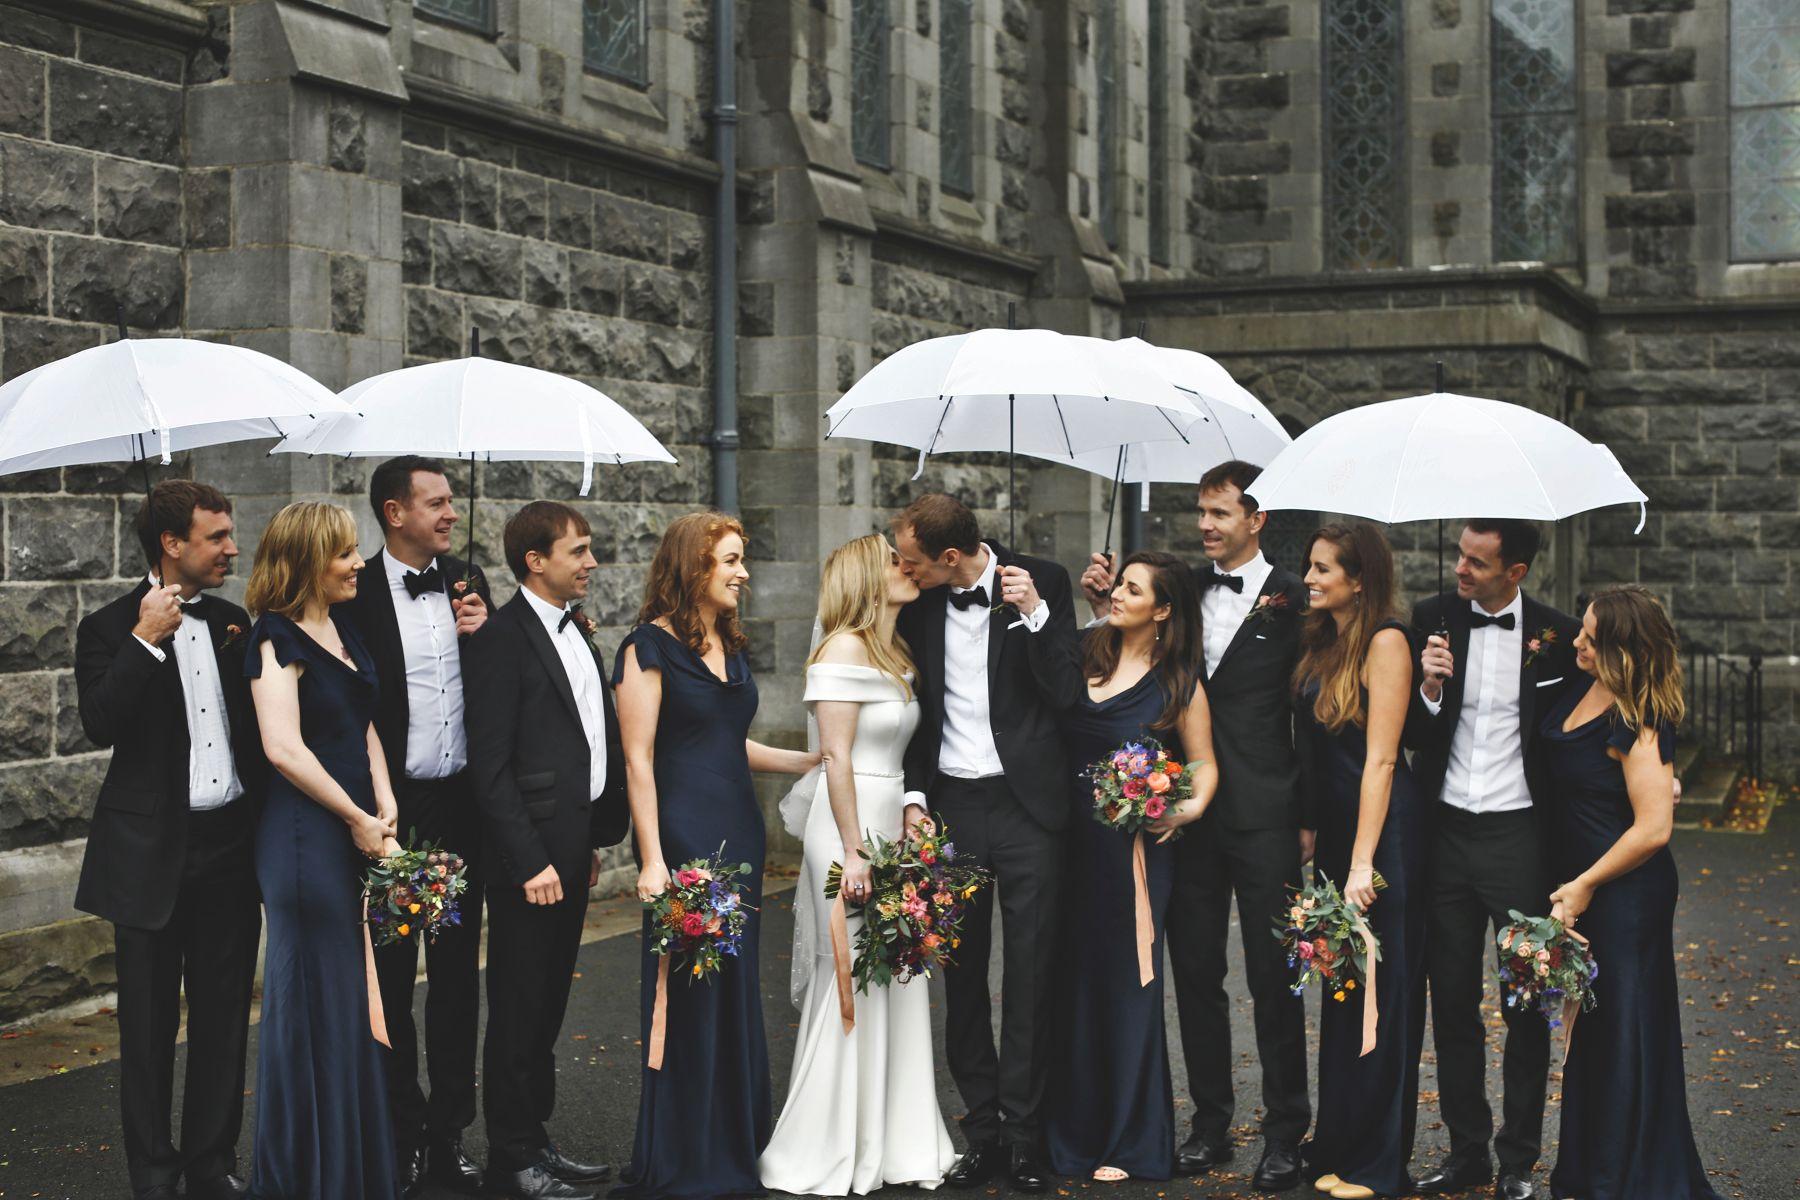 Wedding party with umbrellas.